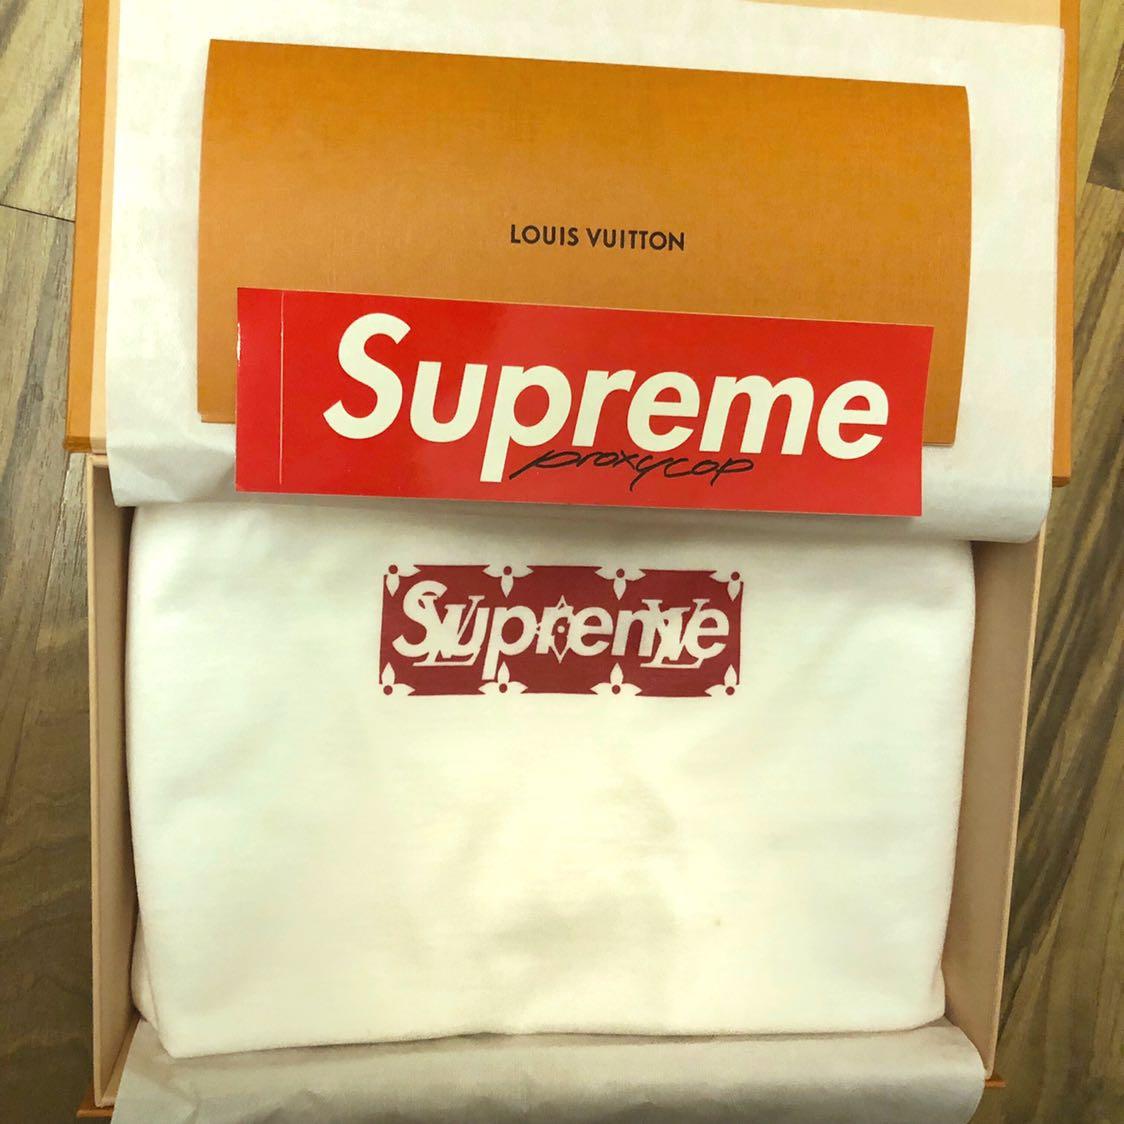 28178c6f Louis Vuitton x Supreme Box Logo Tee Size XXL, Men's Fashion, Clothes, Tops  on Carousell